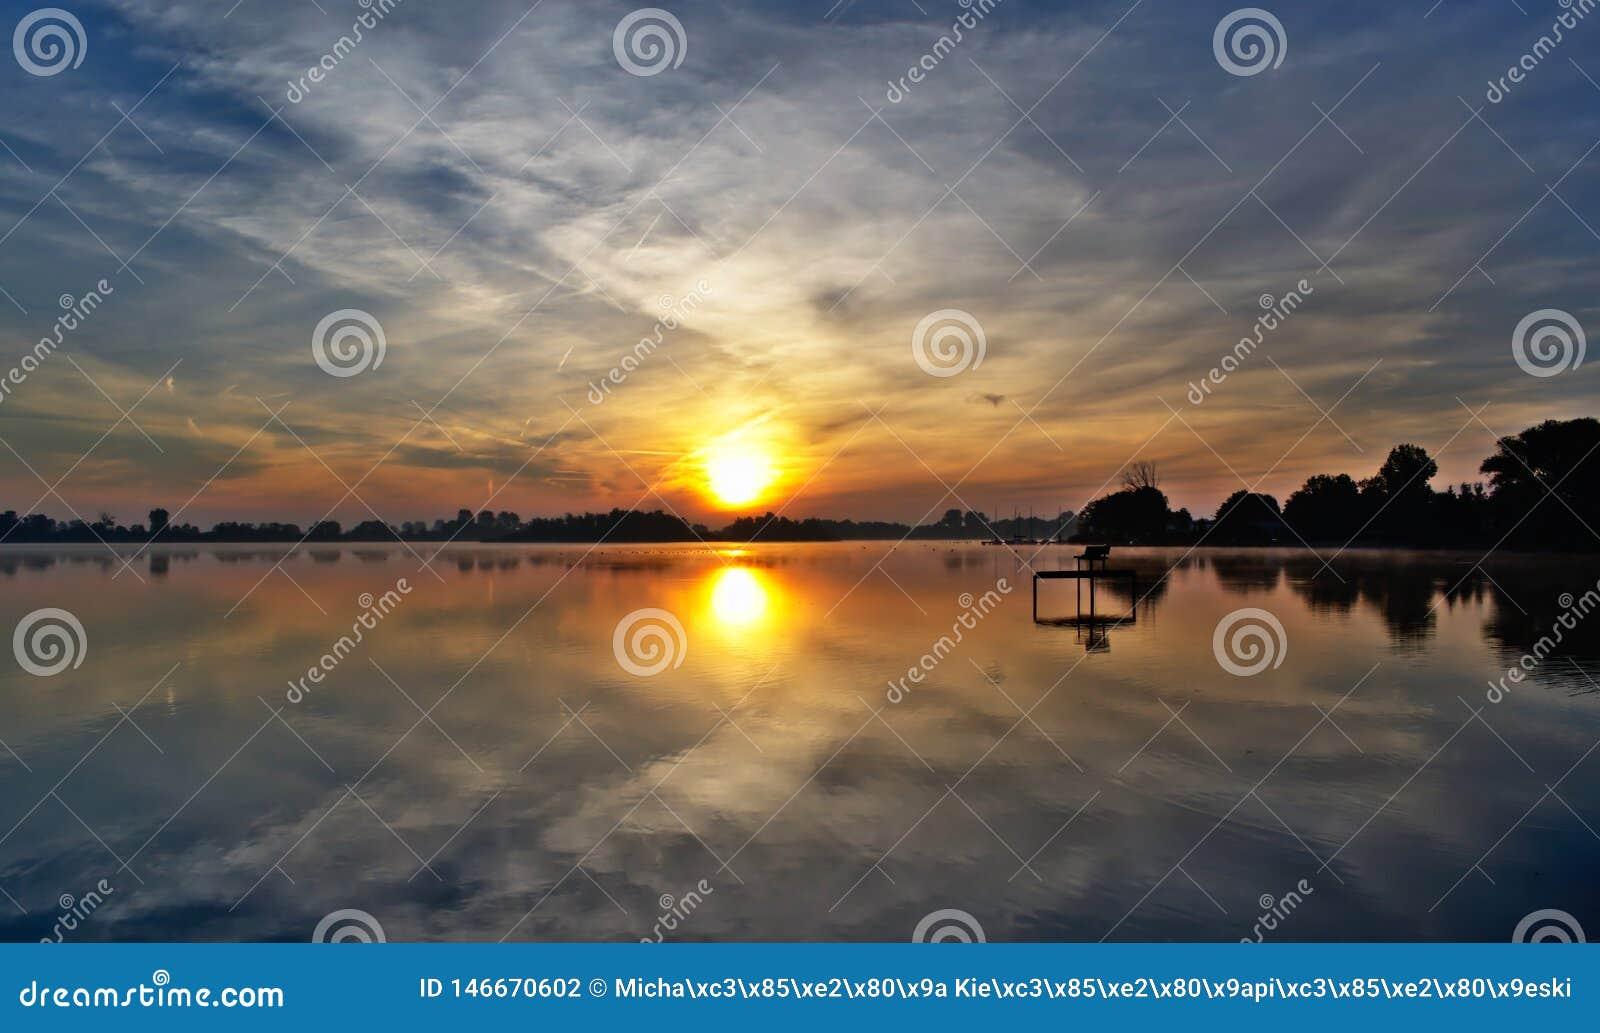 Unglaubliches Spiel des Lichtes im Himmel und im Wasser bei Sonnenaufgang über dem See